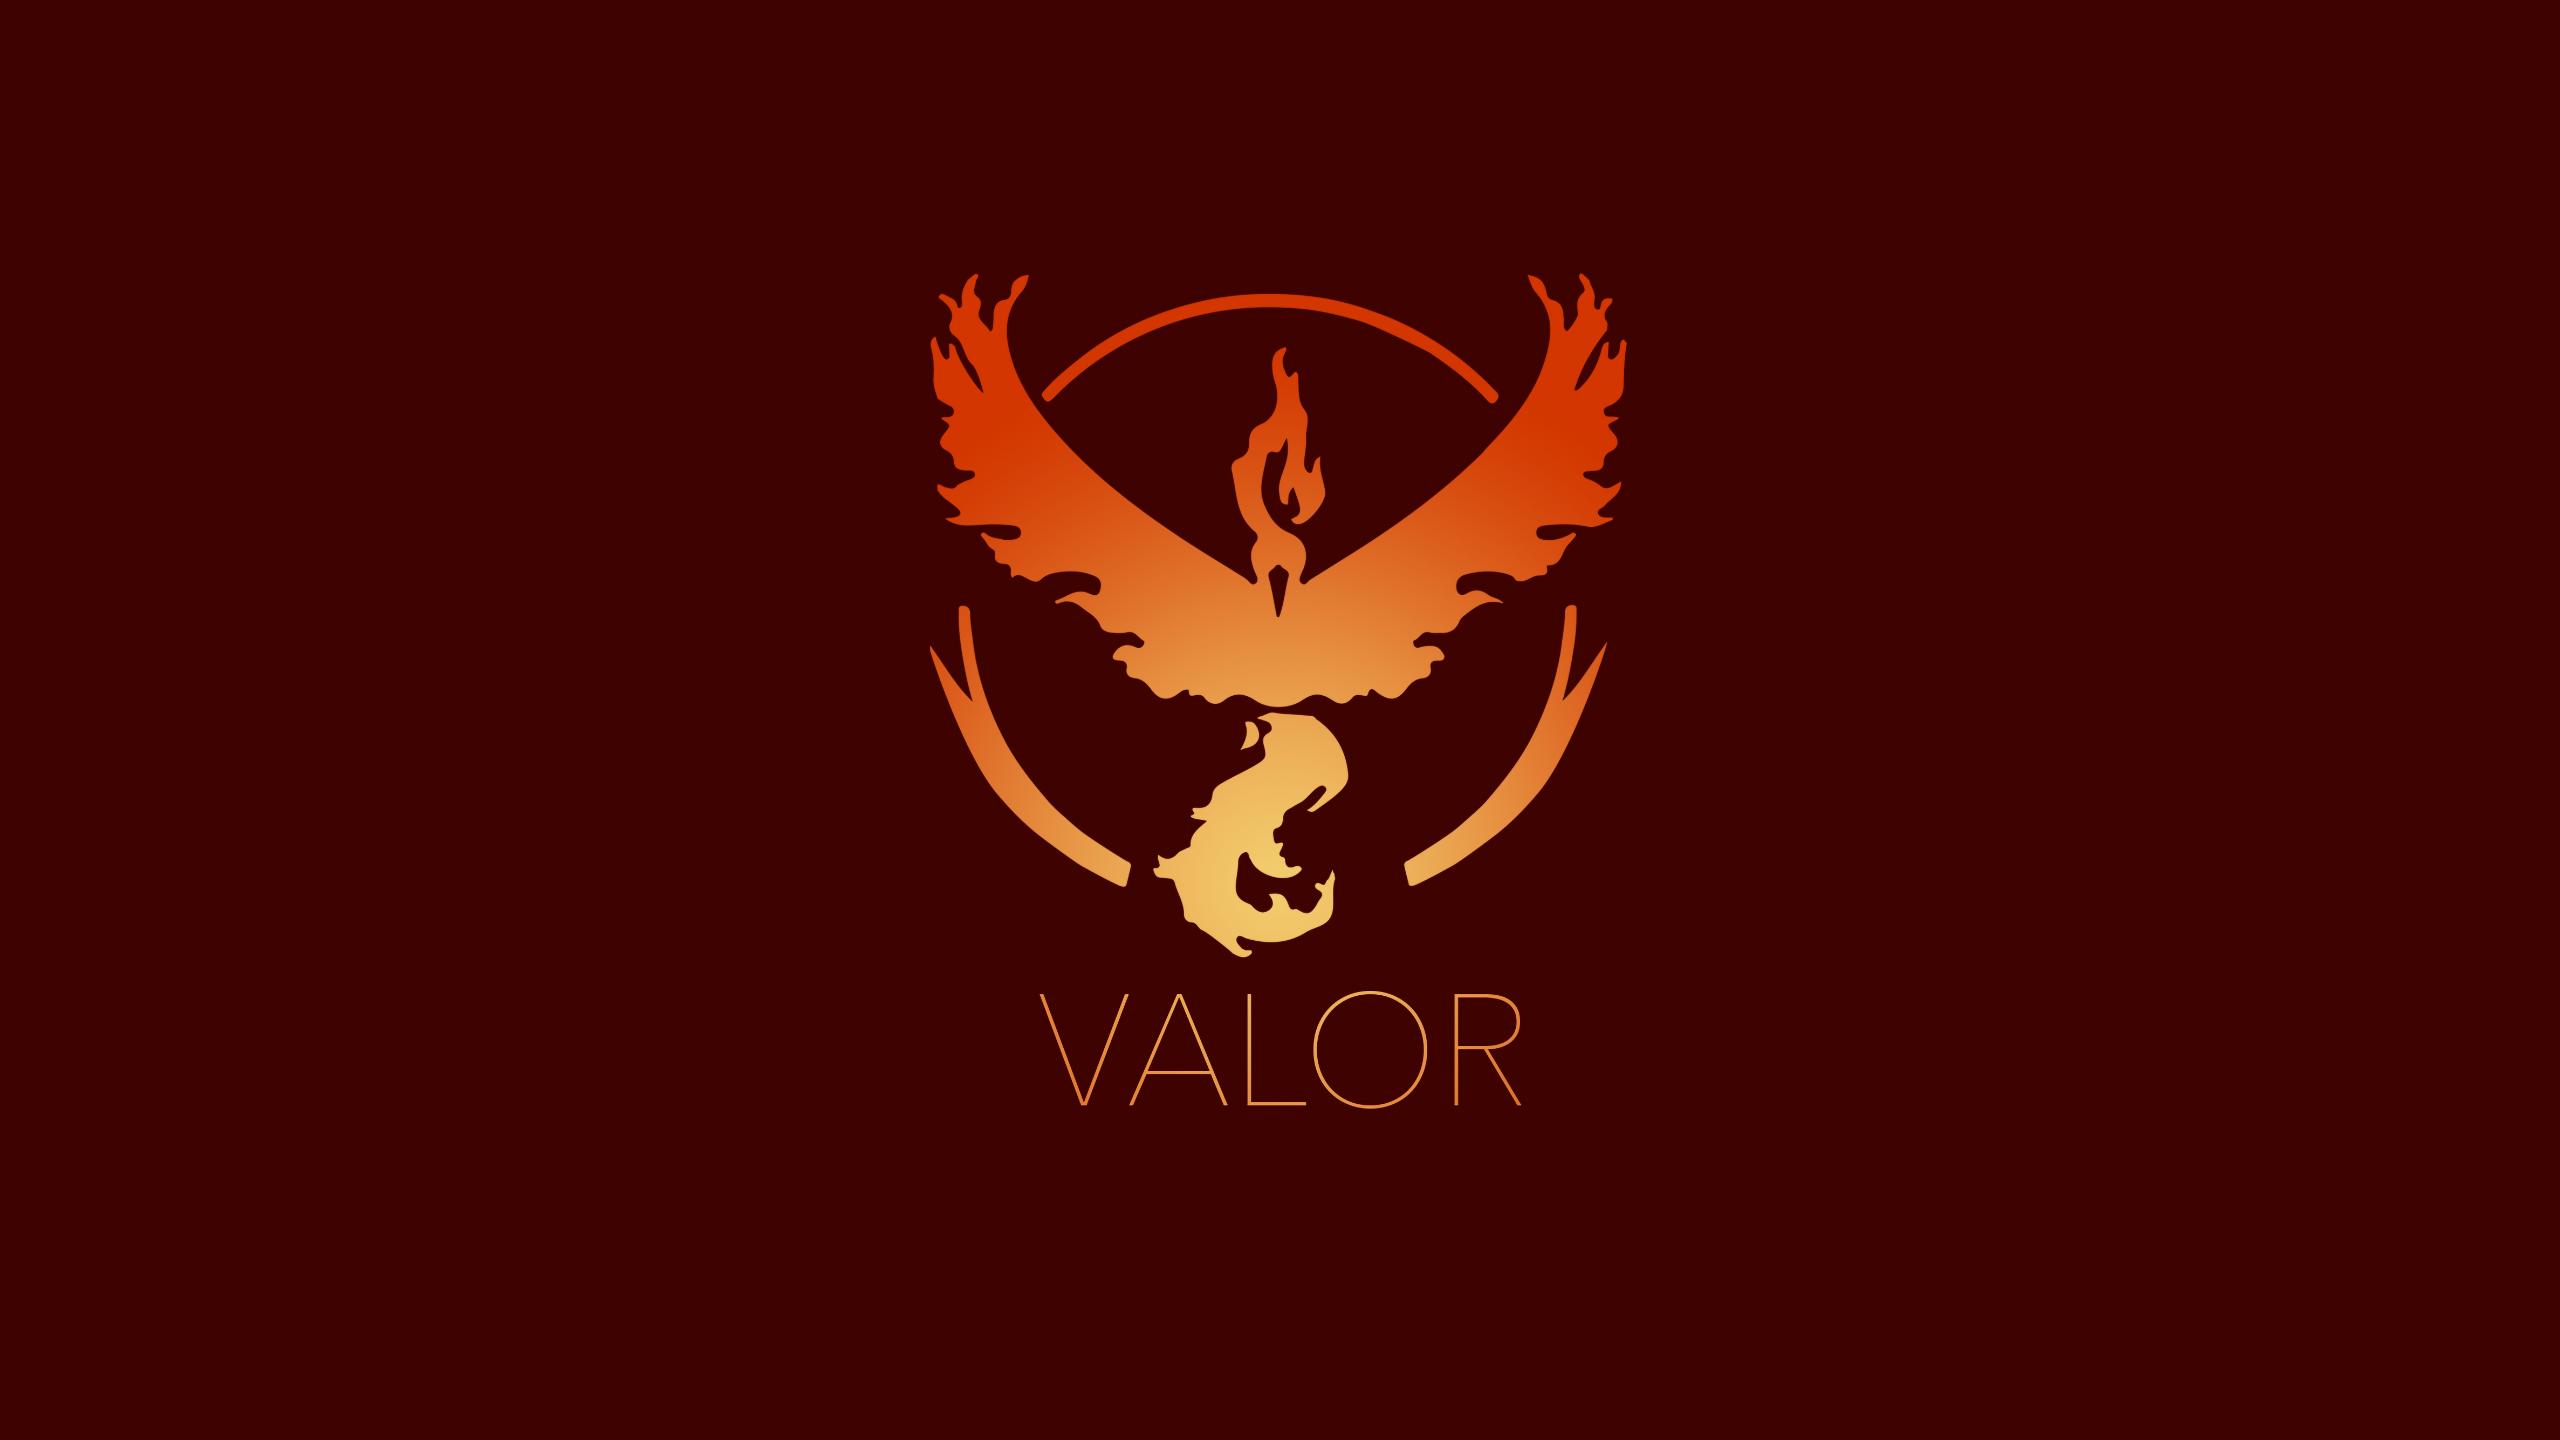 Team Valor HD Wallpaper